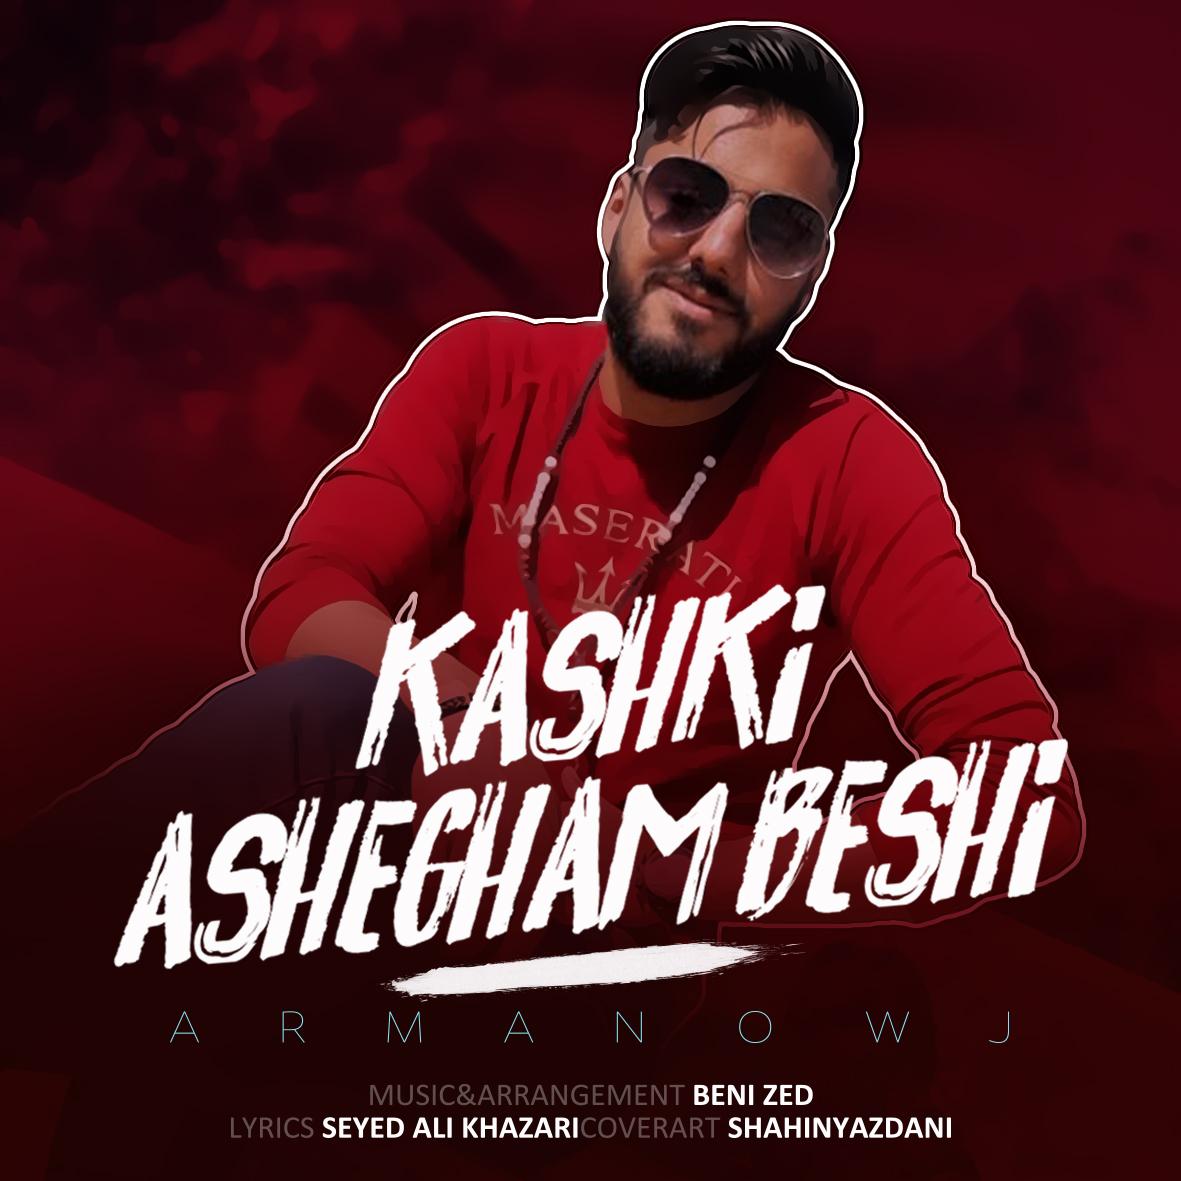 Arman Owj – Kashki Ashegham Beshi